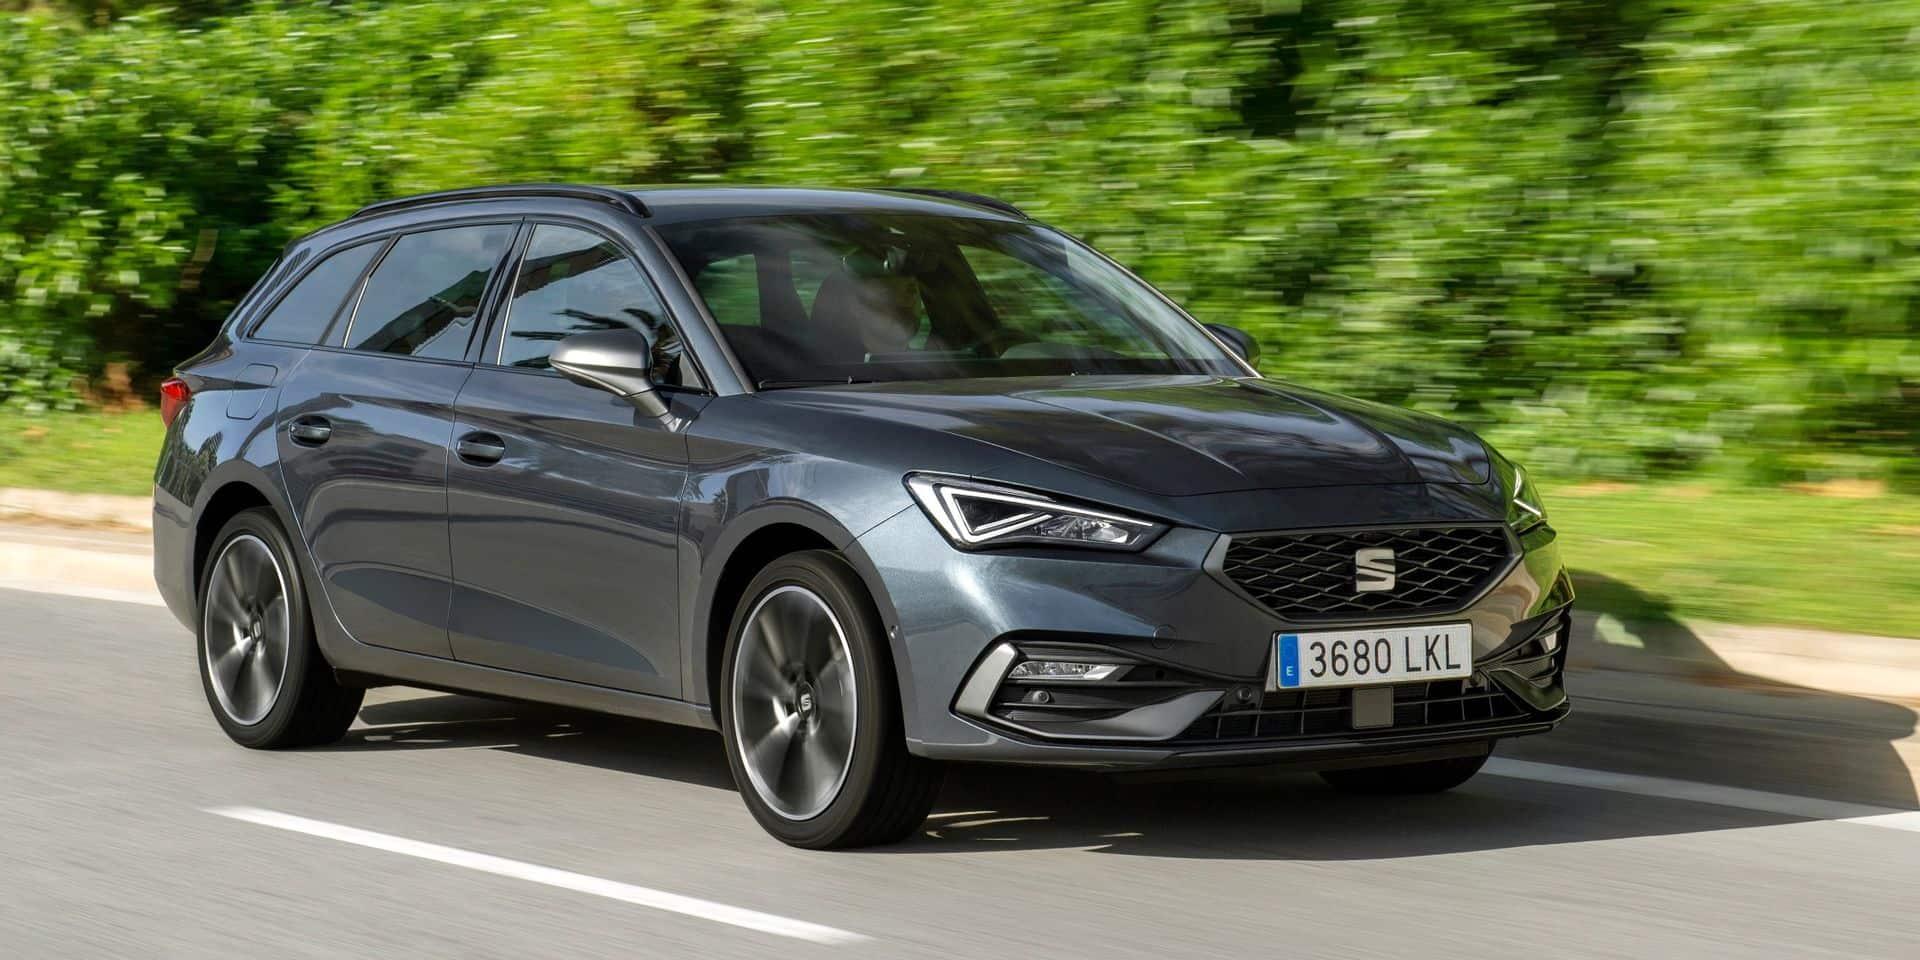 Essai auto Seat Leon Sportstourer e-Hybrid : La preuve par 4,6